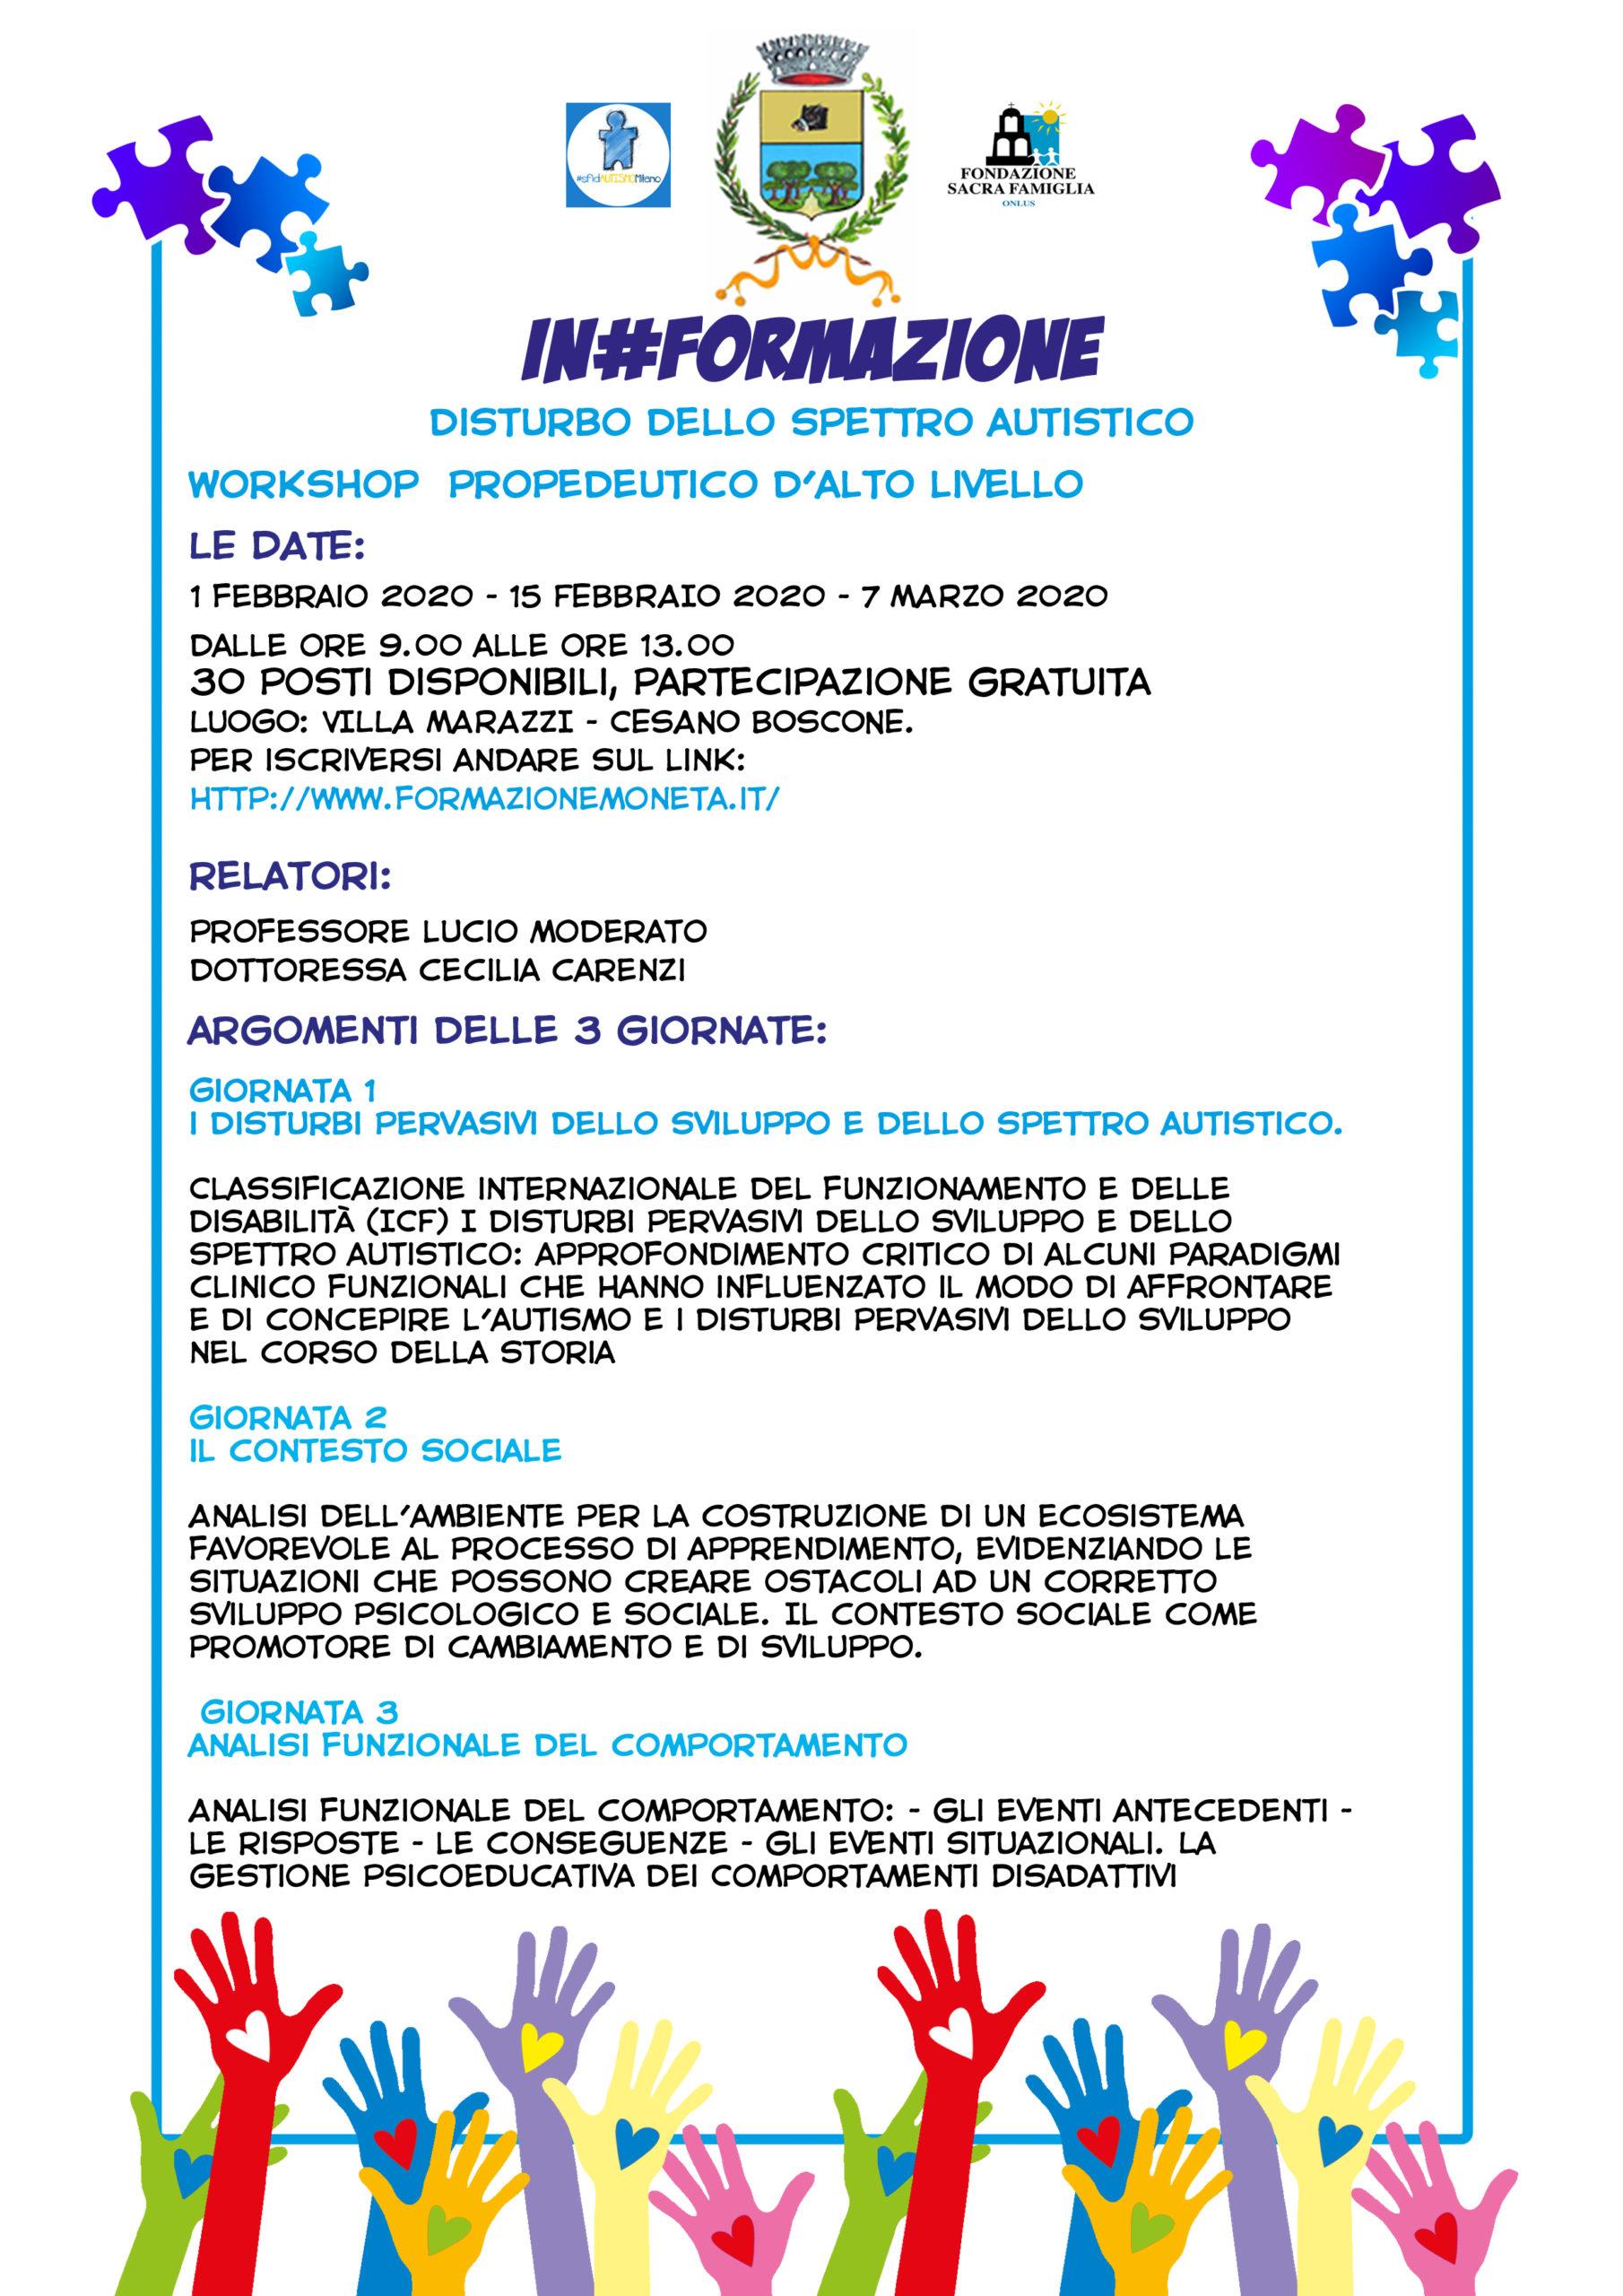 sfidAutismo 2019 | Workshop In#Formazione